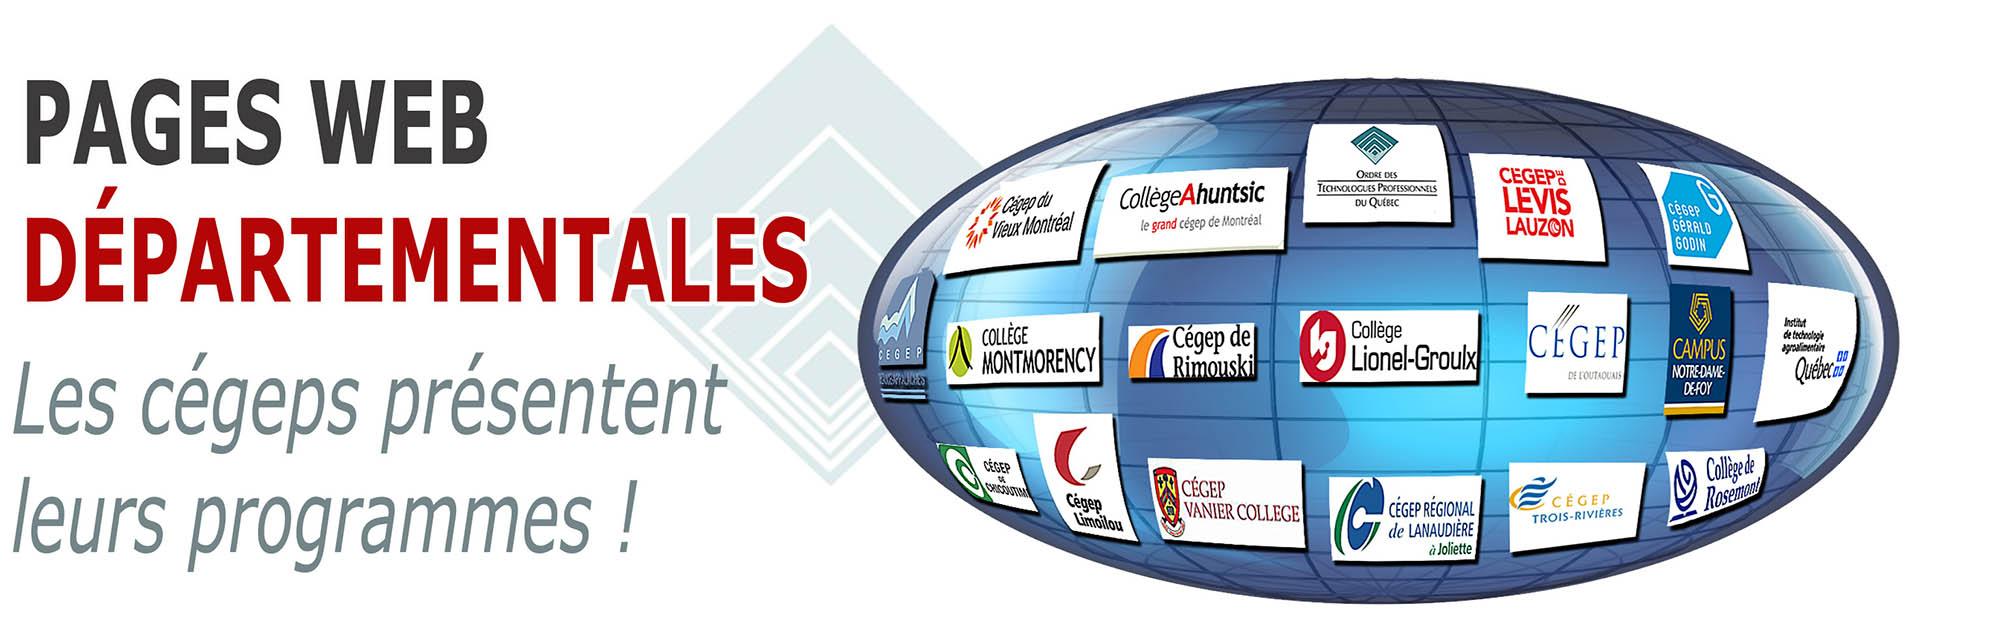 Pages Web Départementales - Les cégeps présentent leurs programmes! - Portail étudiant OTPQ